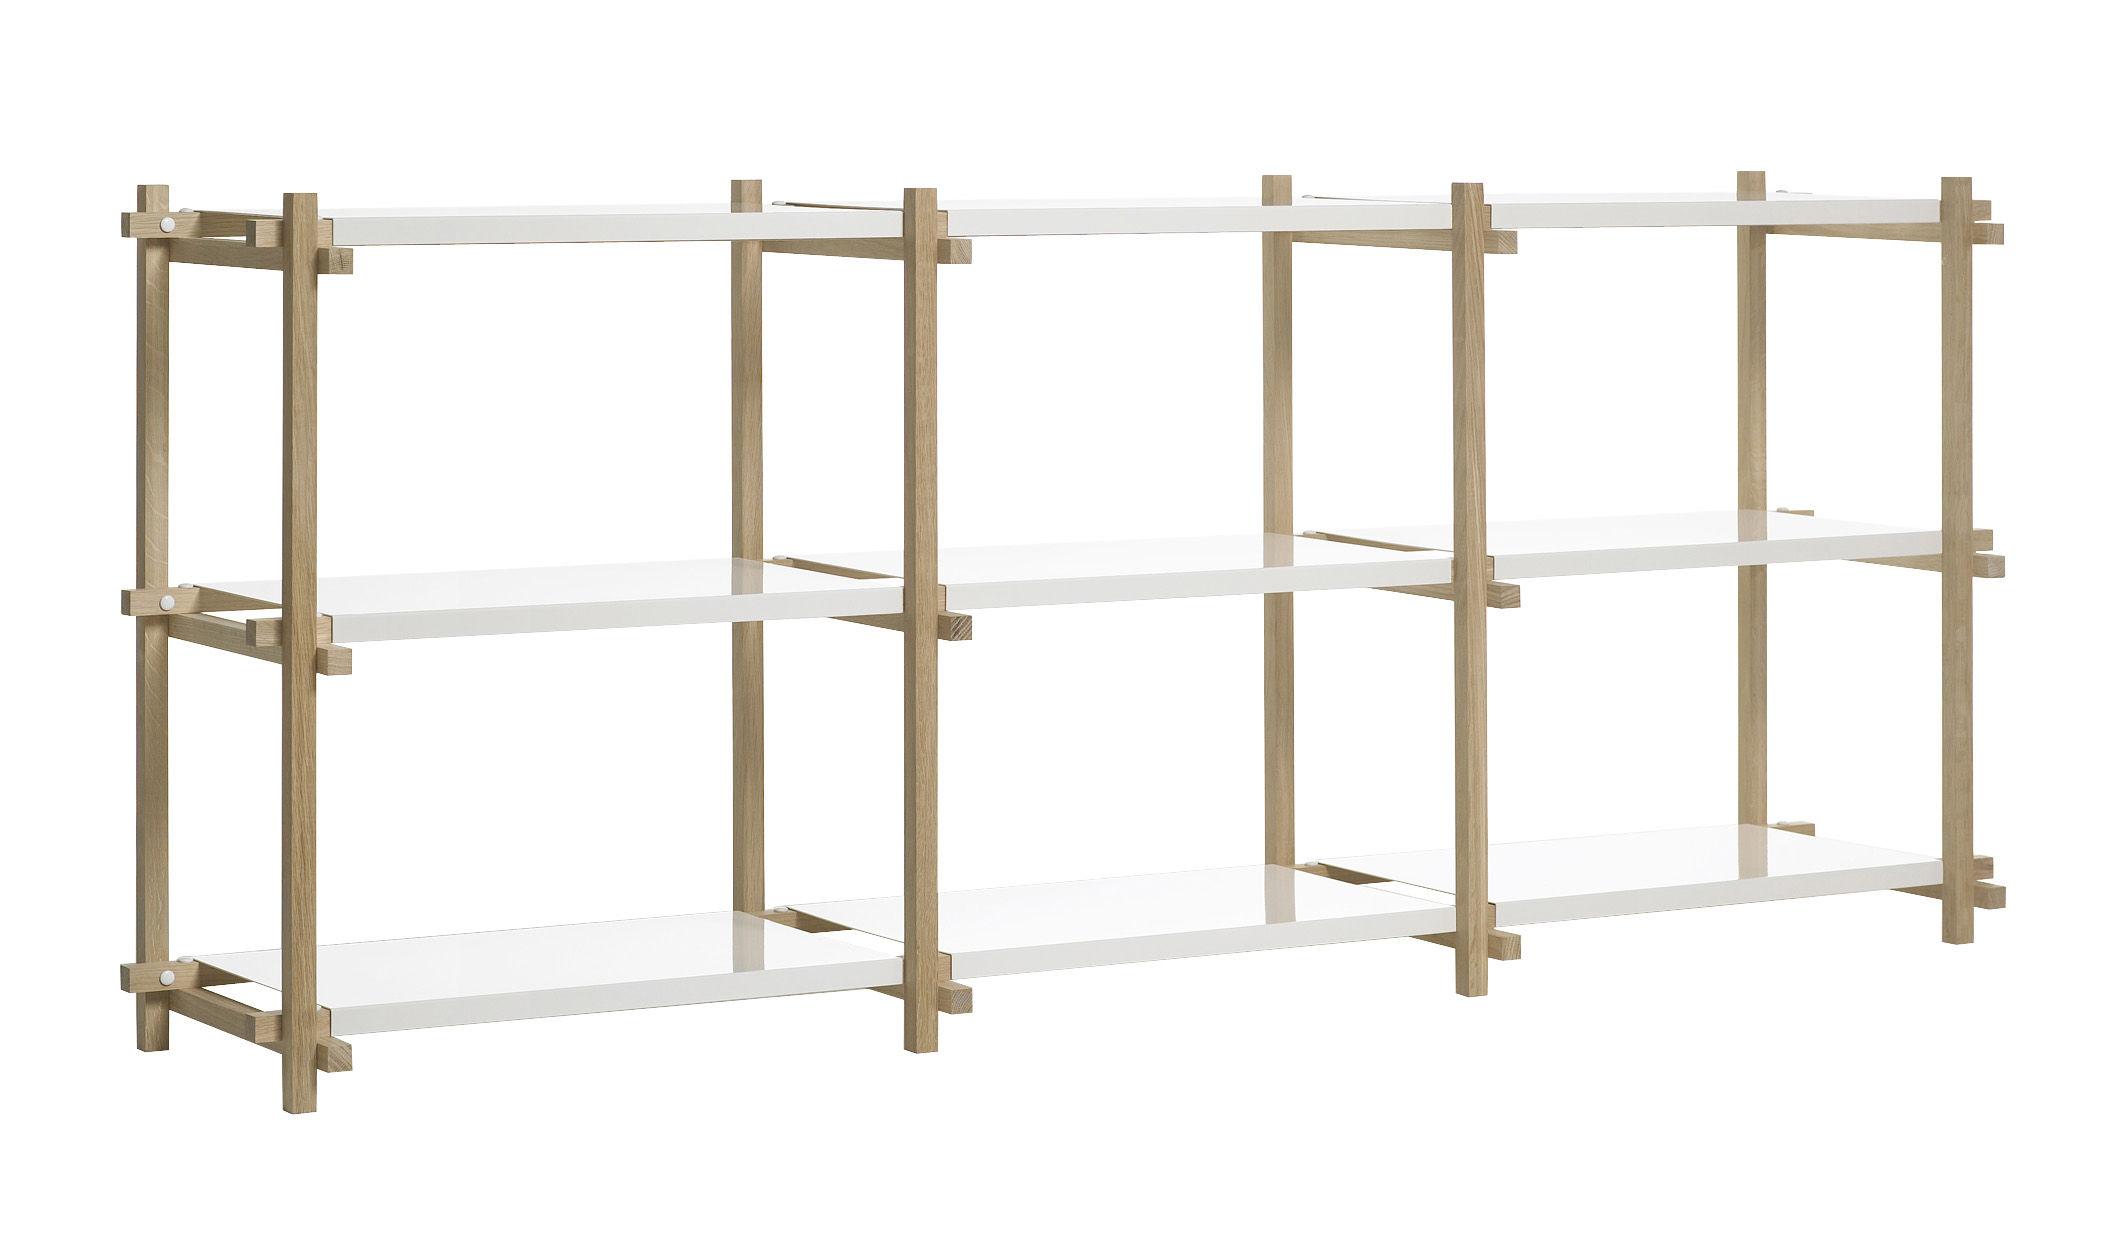 Mobilier - Etagères & bibliothèques - Etagère Woody low L 206 x H 85 cm - Hay - Chêne naturel / Etagères blanches - Acier laqué, Chêne massif